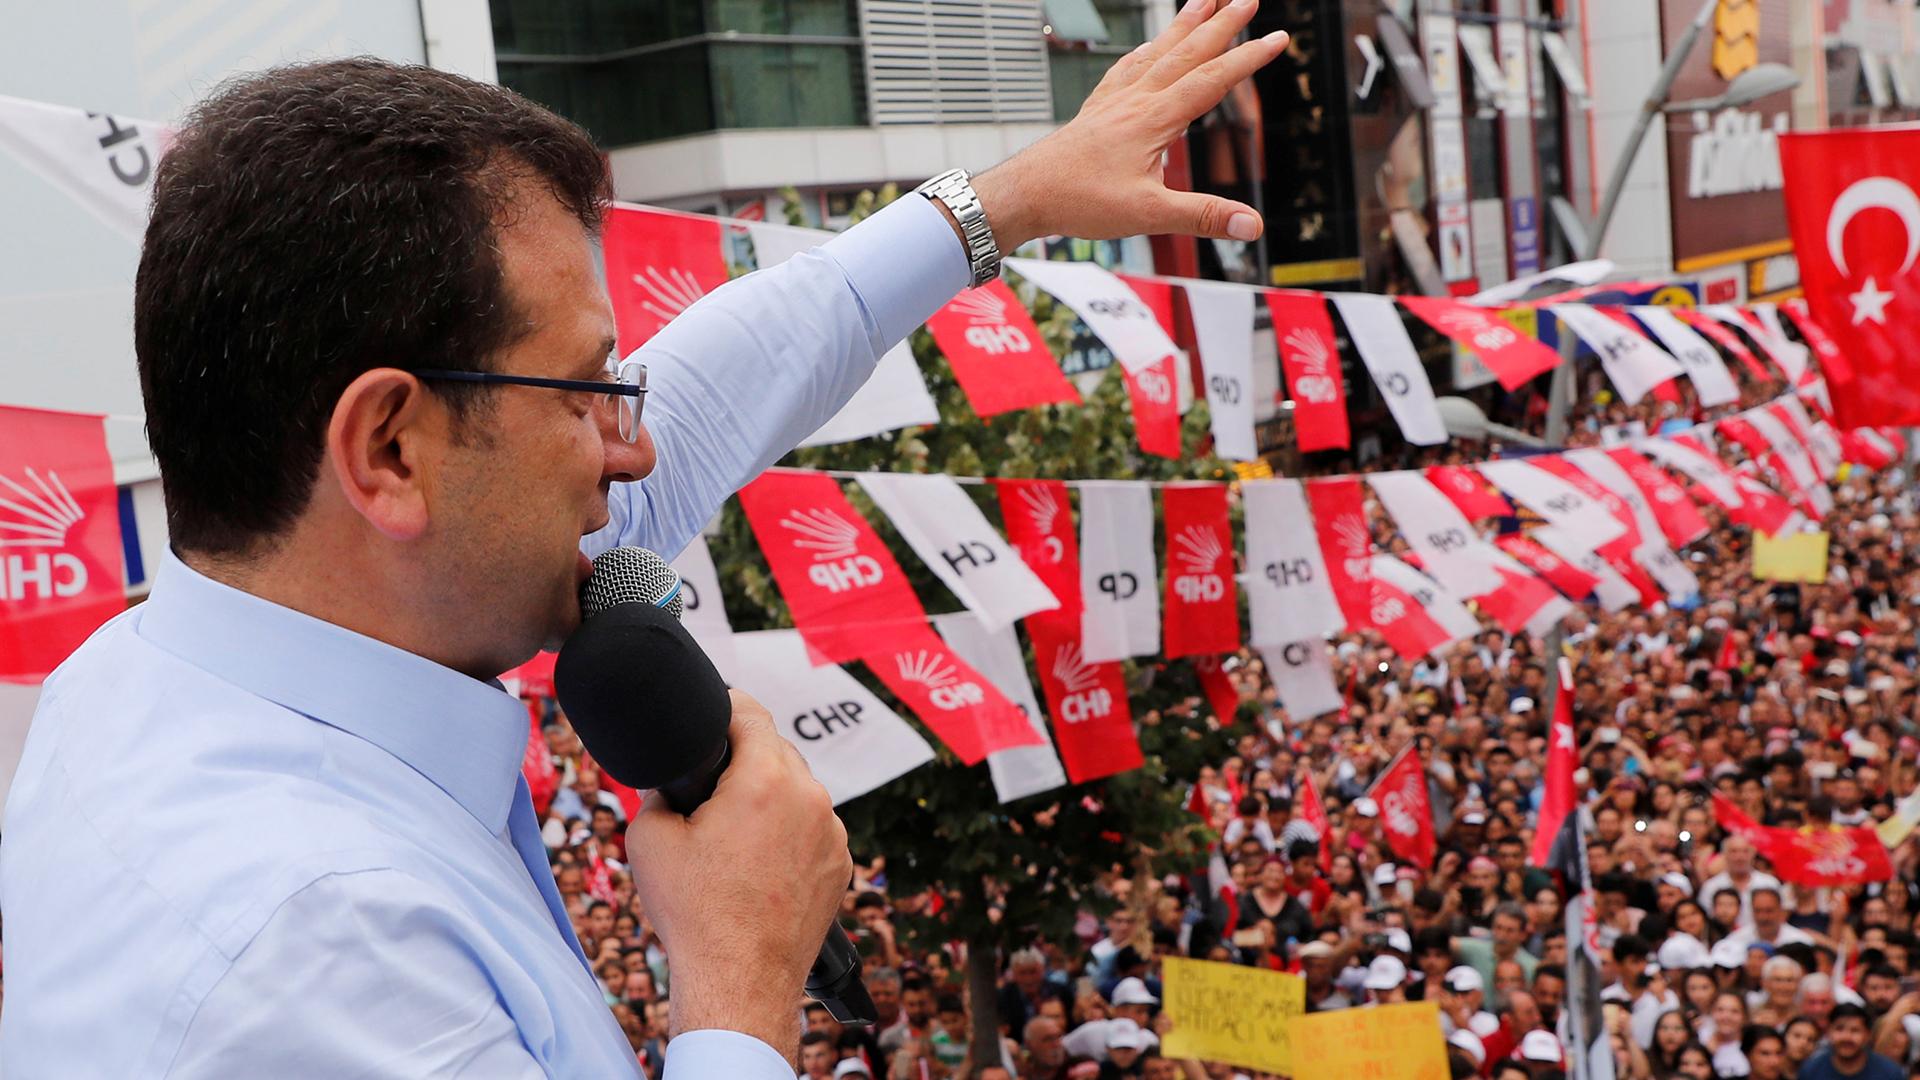 İstanbul seçimi - Ekrem İmamoğlu'nun kampanya stratejisi: Seçmenlerle 'yakın temas'